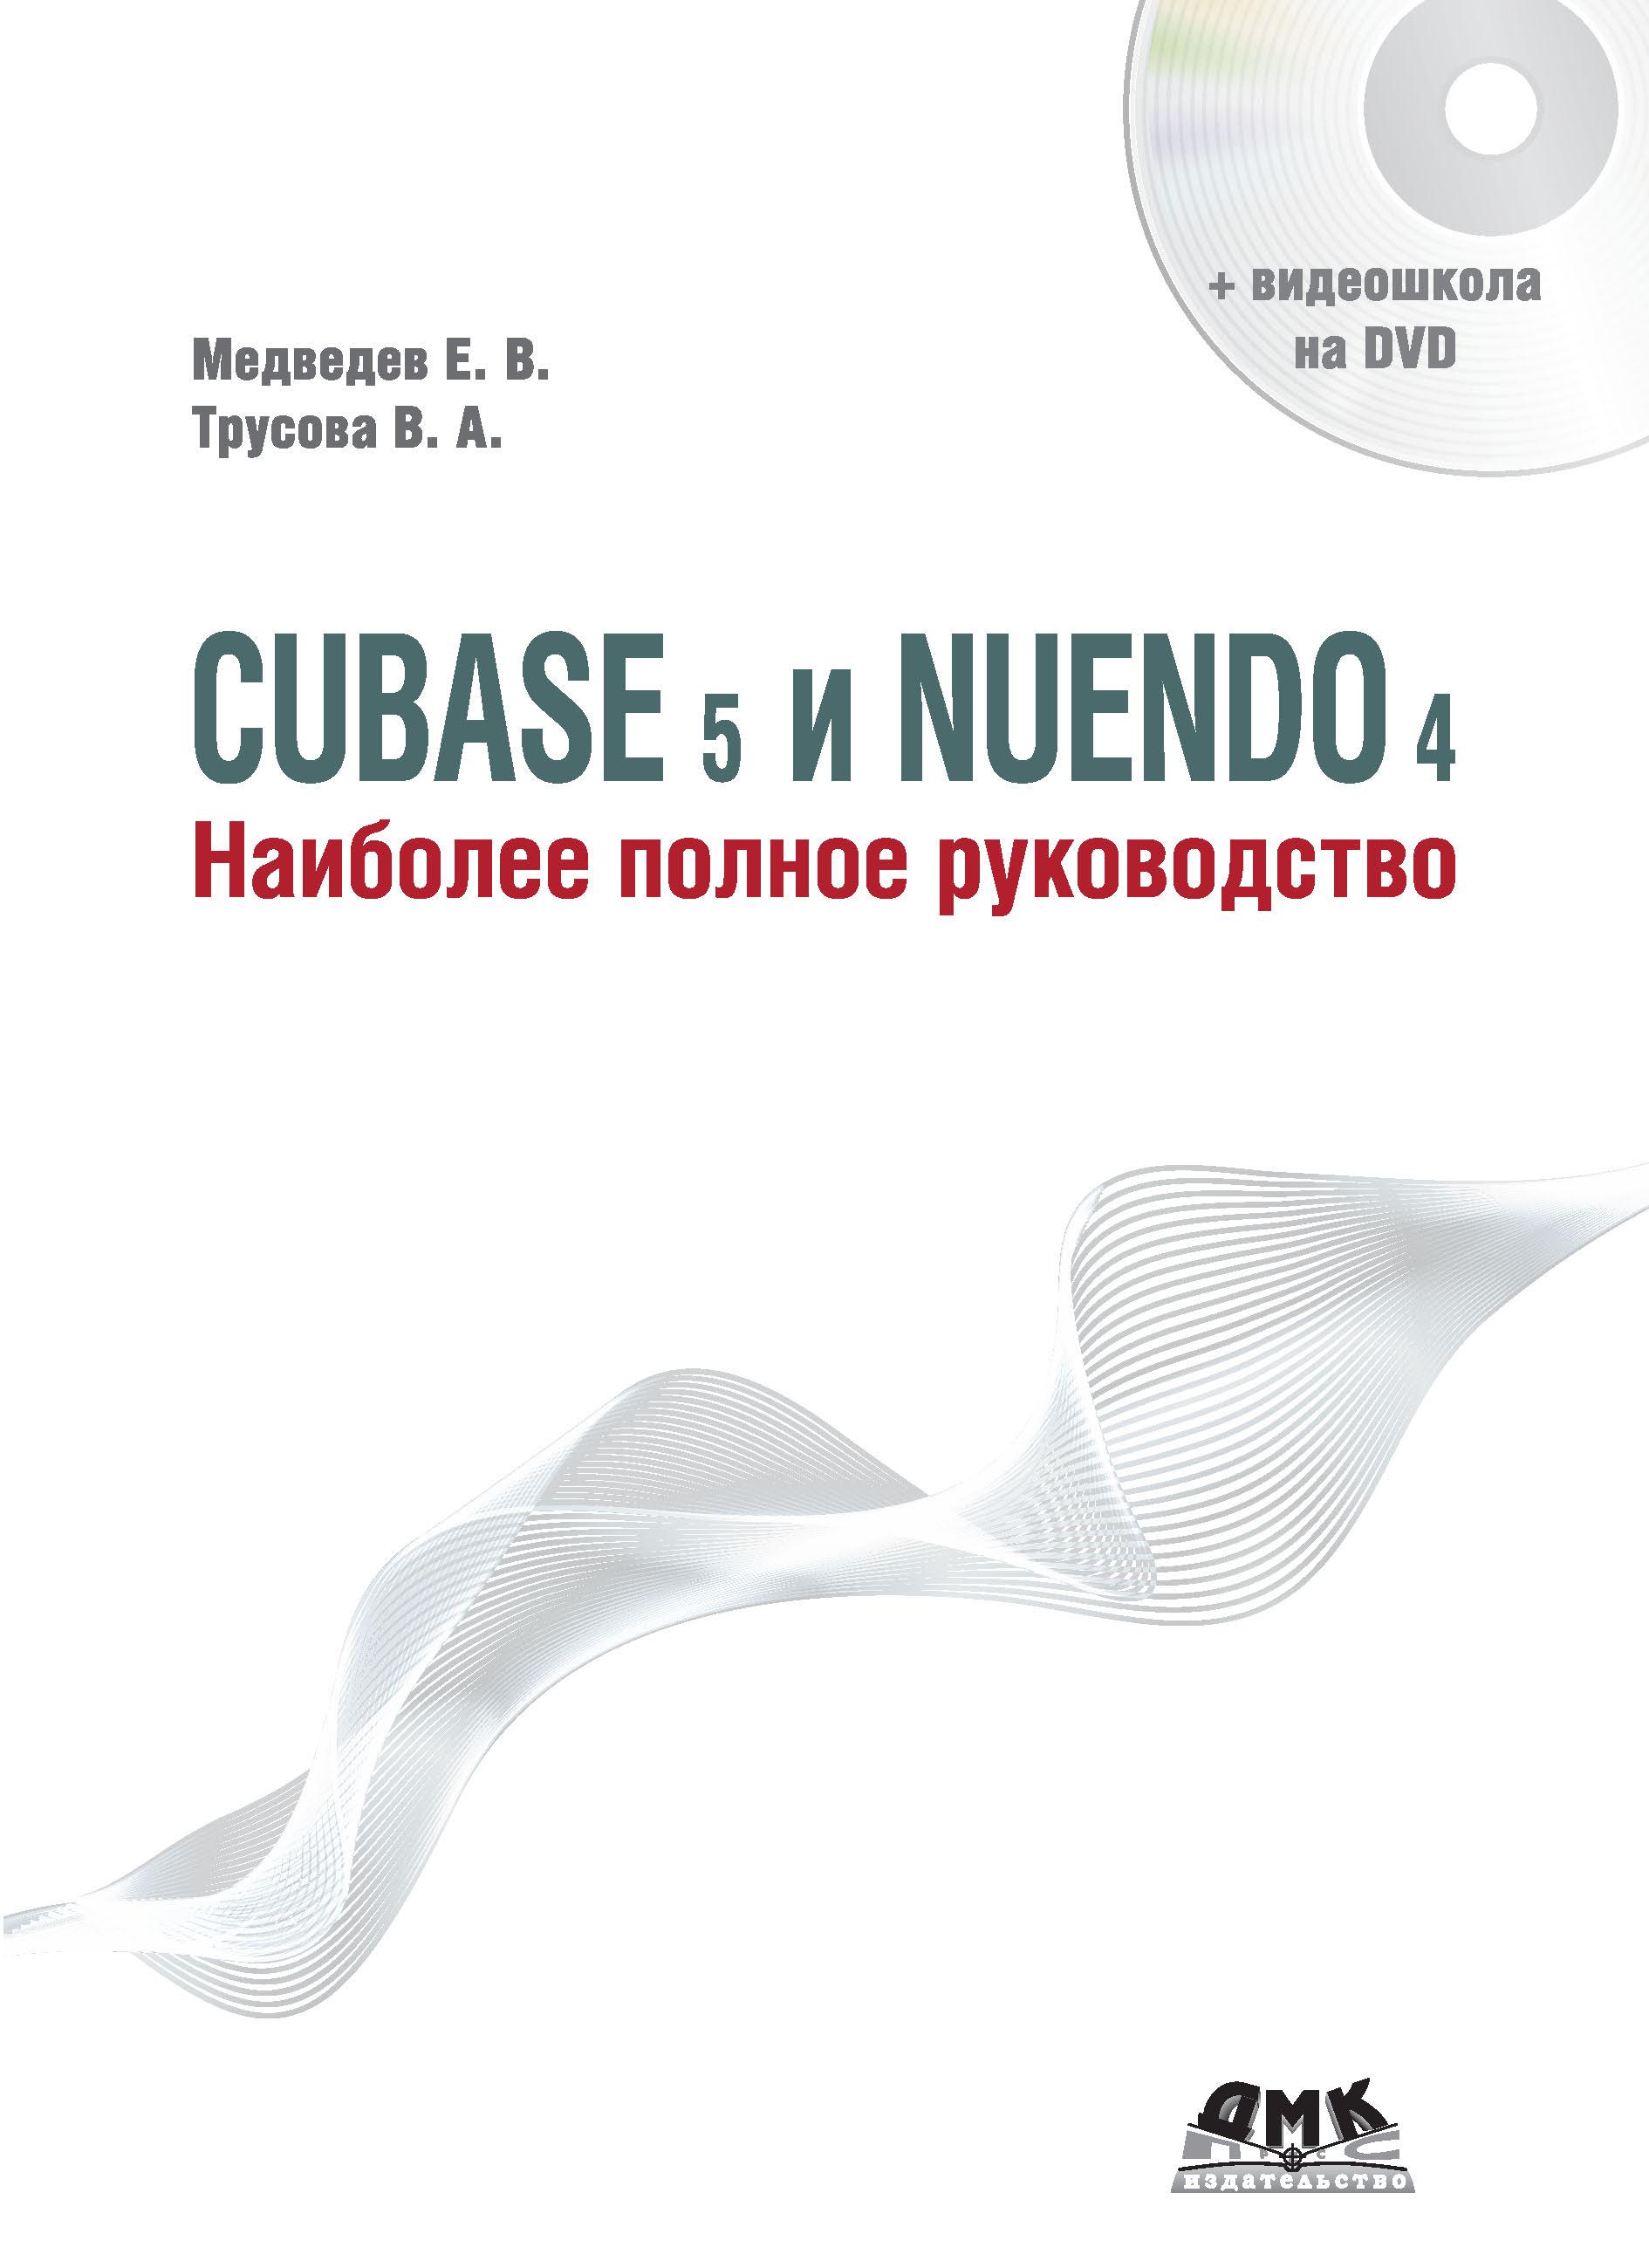 Купить книгу Cubase 5 и Nuendo 4. Наиболее полное руководство, автора Е. В. Медведева